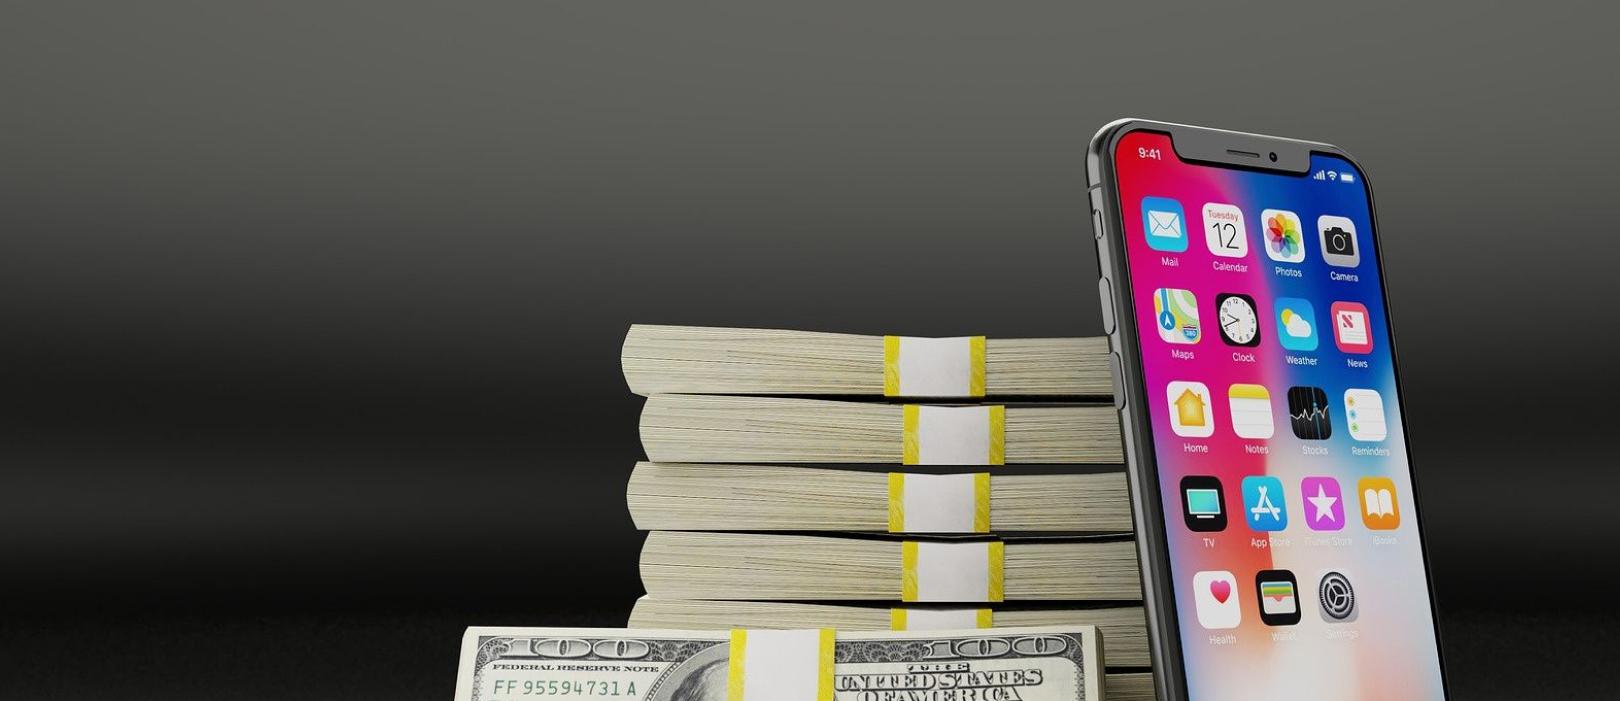 Frame 1 8 2 - Почему разработка мобильных приложений стоит так дорого